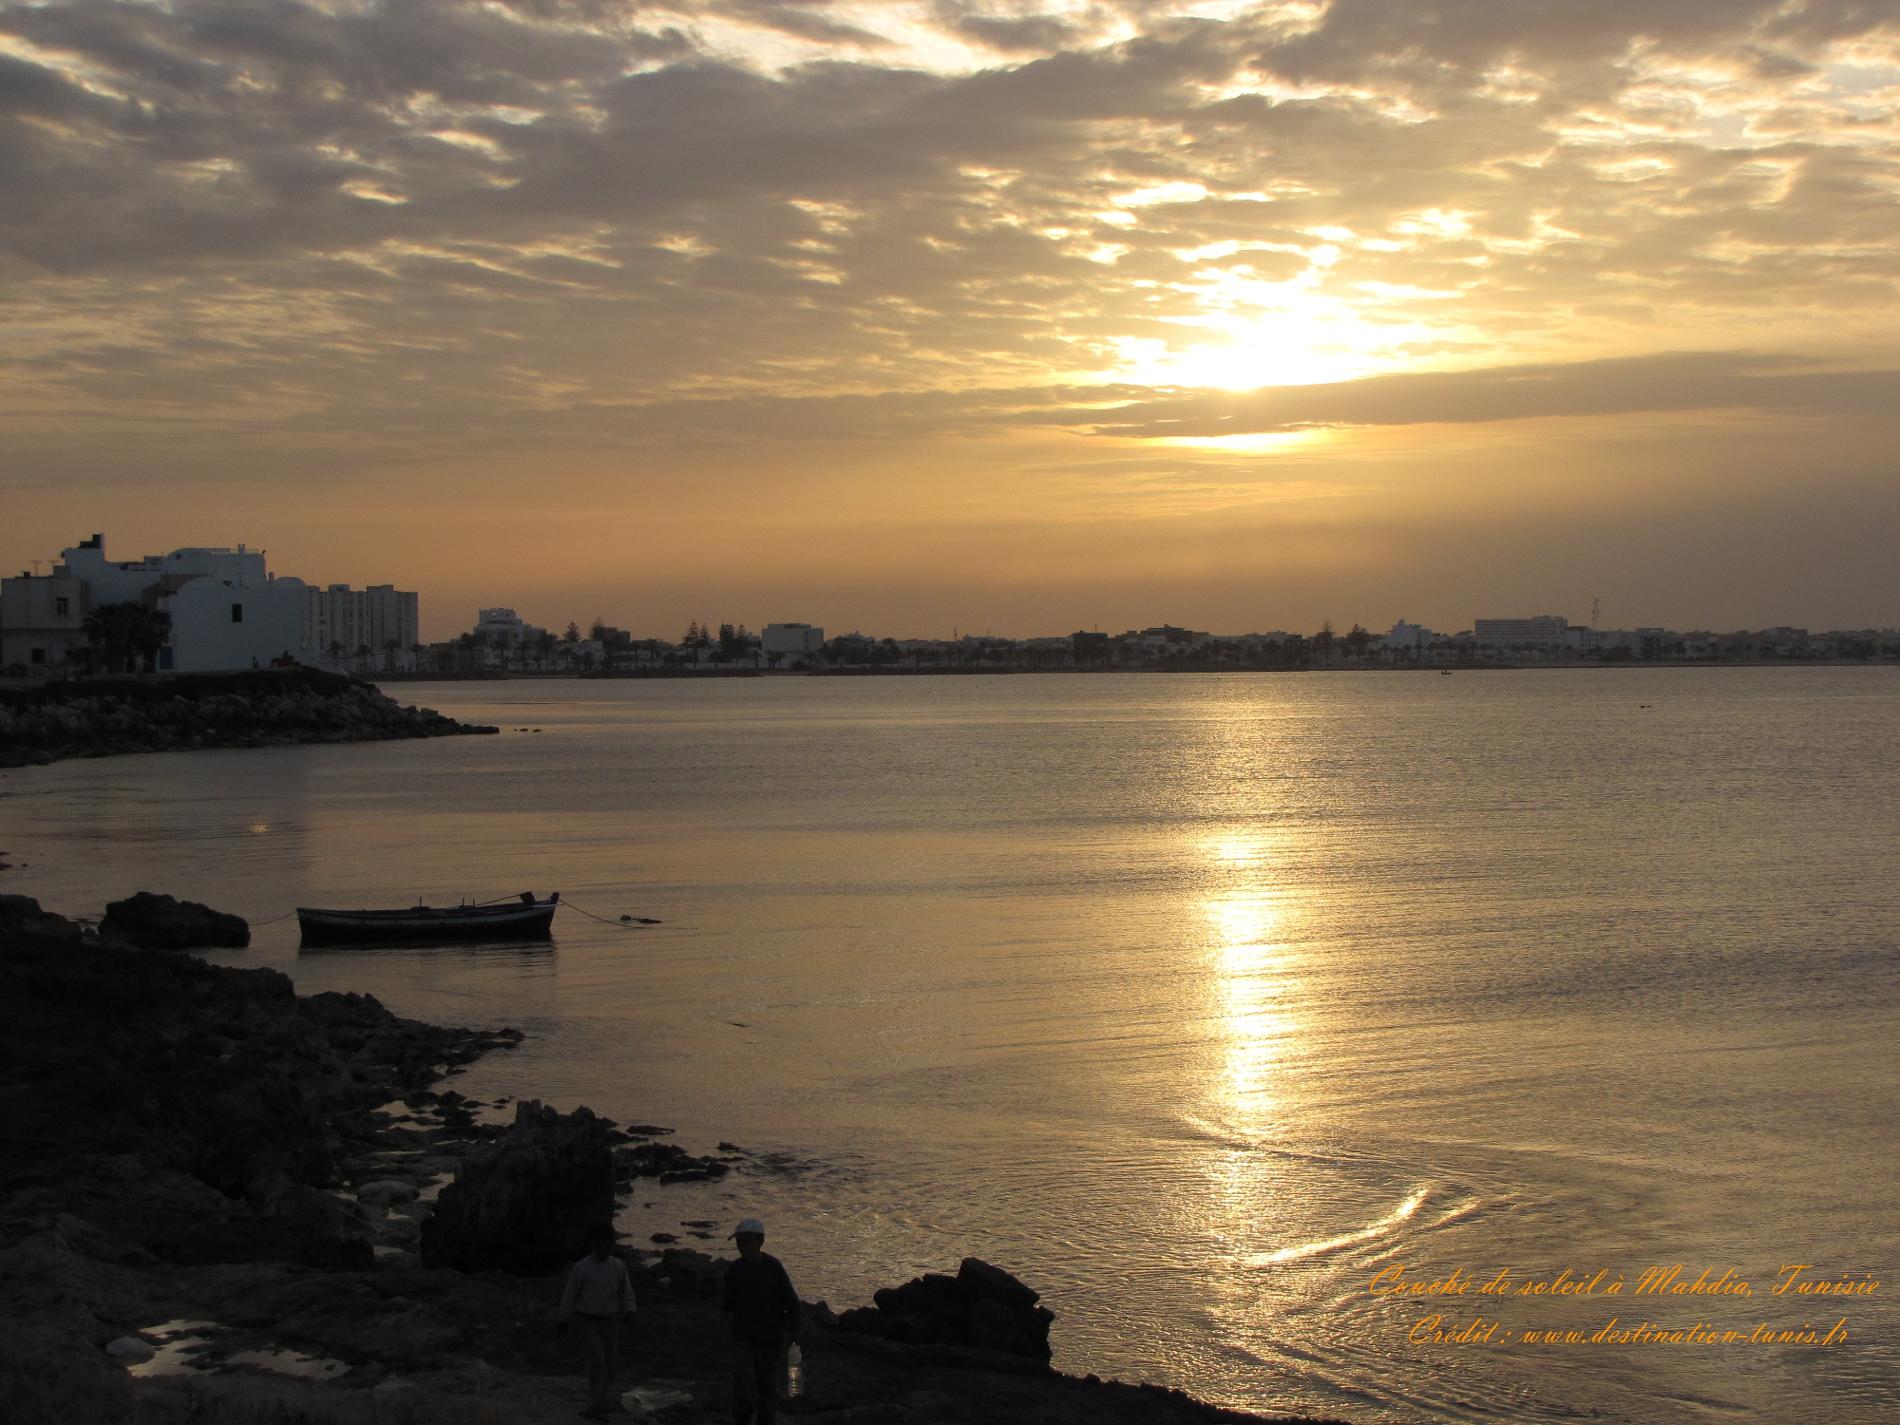 Fonds d'écran Mer et Plages Coucher de soleil Mahdia Tunisie